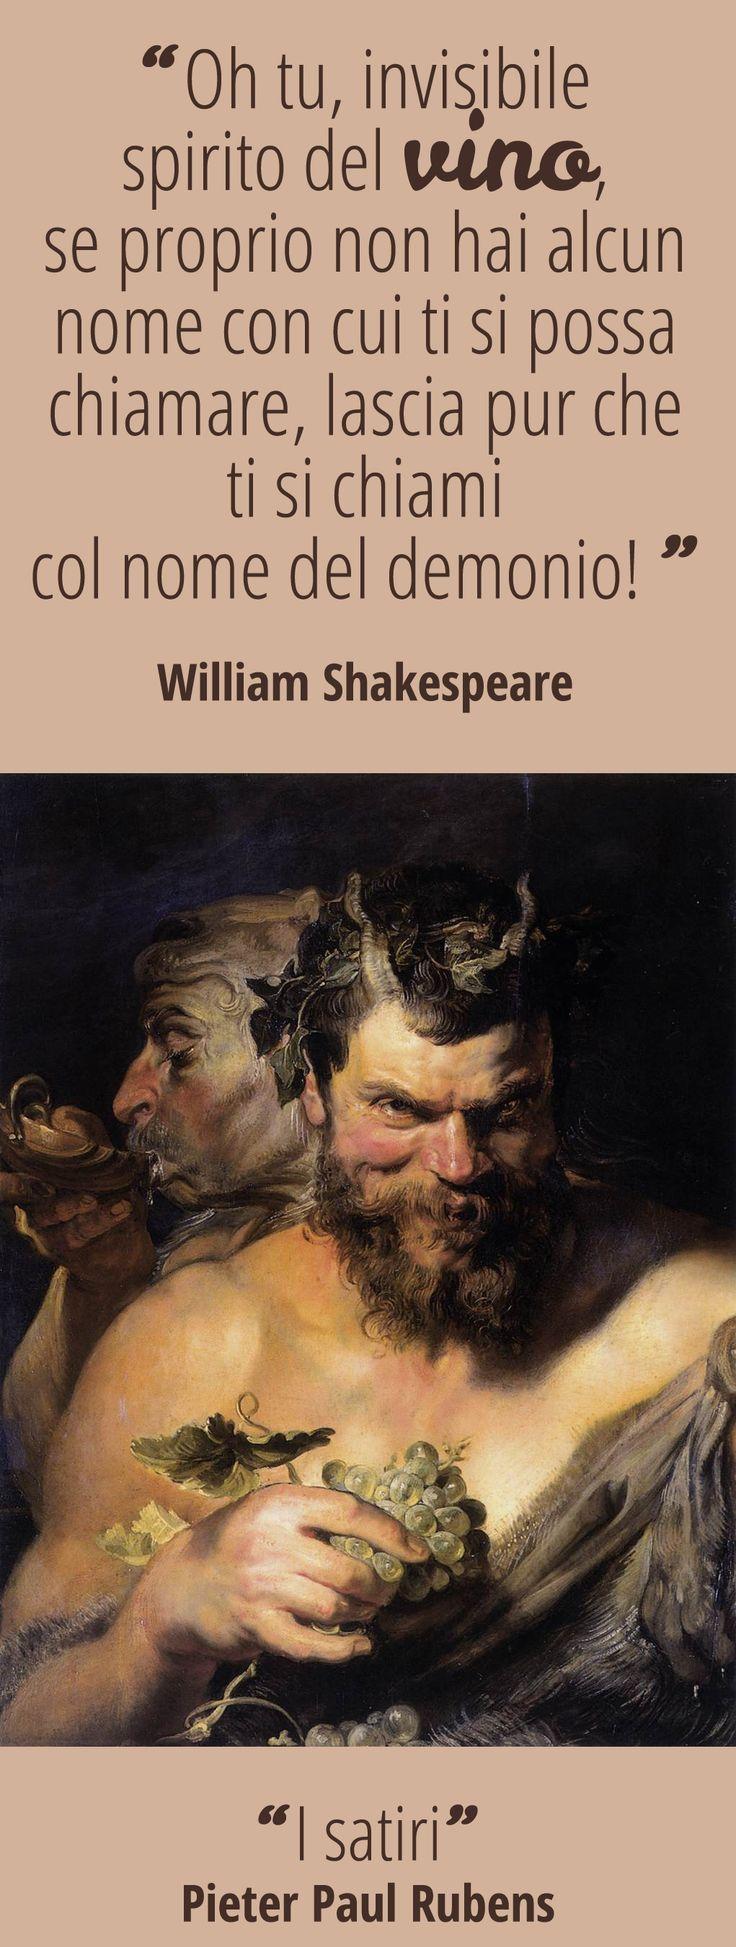 """""""Oh tu, invisibile spirito del vino, se proprio non hai alcun nome con cui ti si possa chiamare, lascia pur che ti si chiami col nome del demonio!"""" [William Shakespeare, """"Otello"""" (secondo atto), 1604] ABBINAMENTO  """"Due Satiri"""", Pieter Paul Rubens (1618-19),  Alte Pinakothek – Monaco.  #vino #arte #letteratura #citazioni #afroismi #wine #quote #art #culture #paintings"""